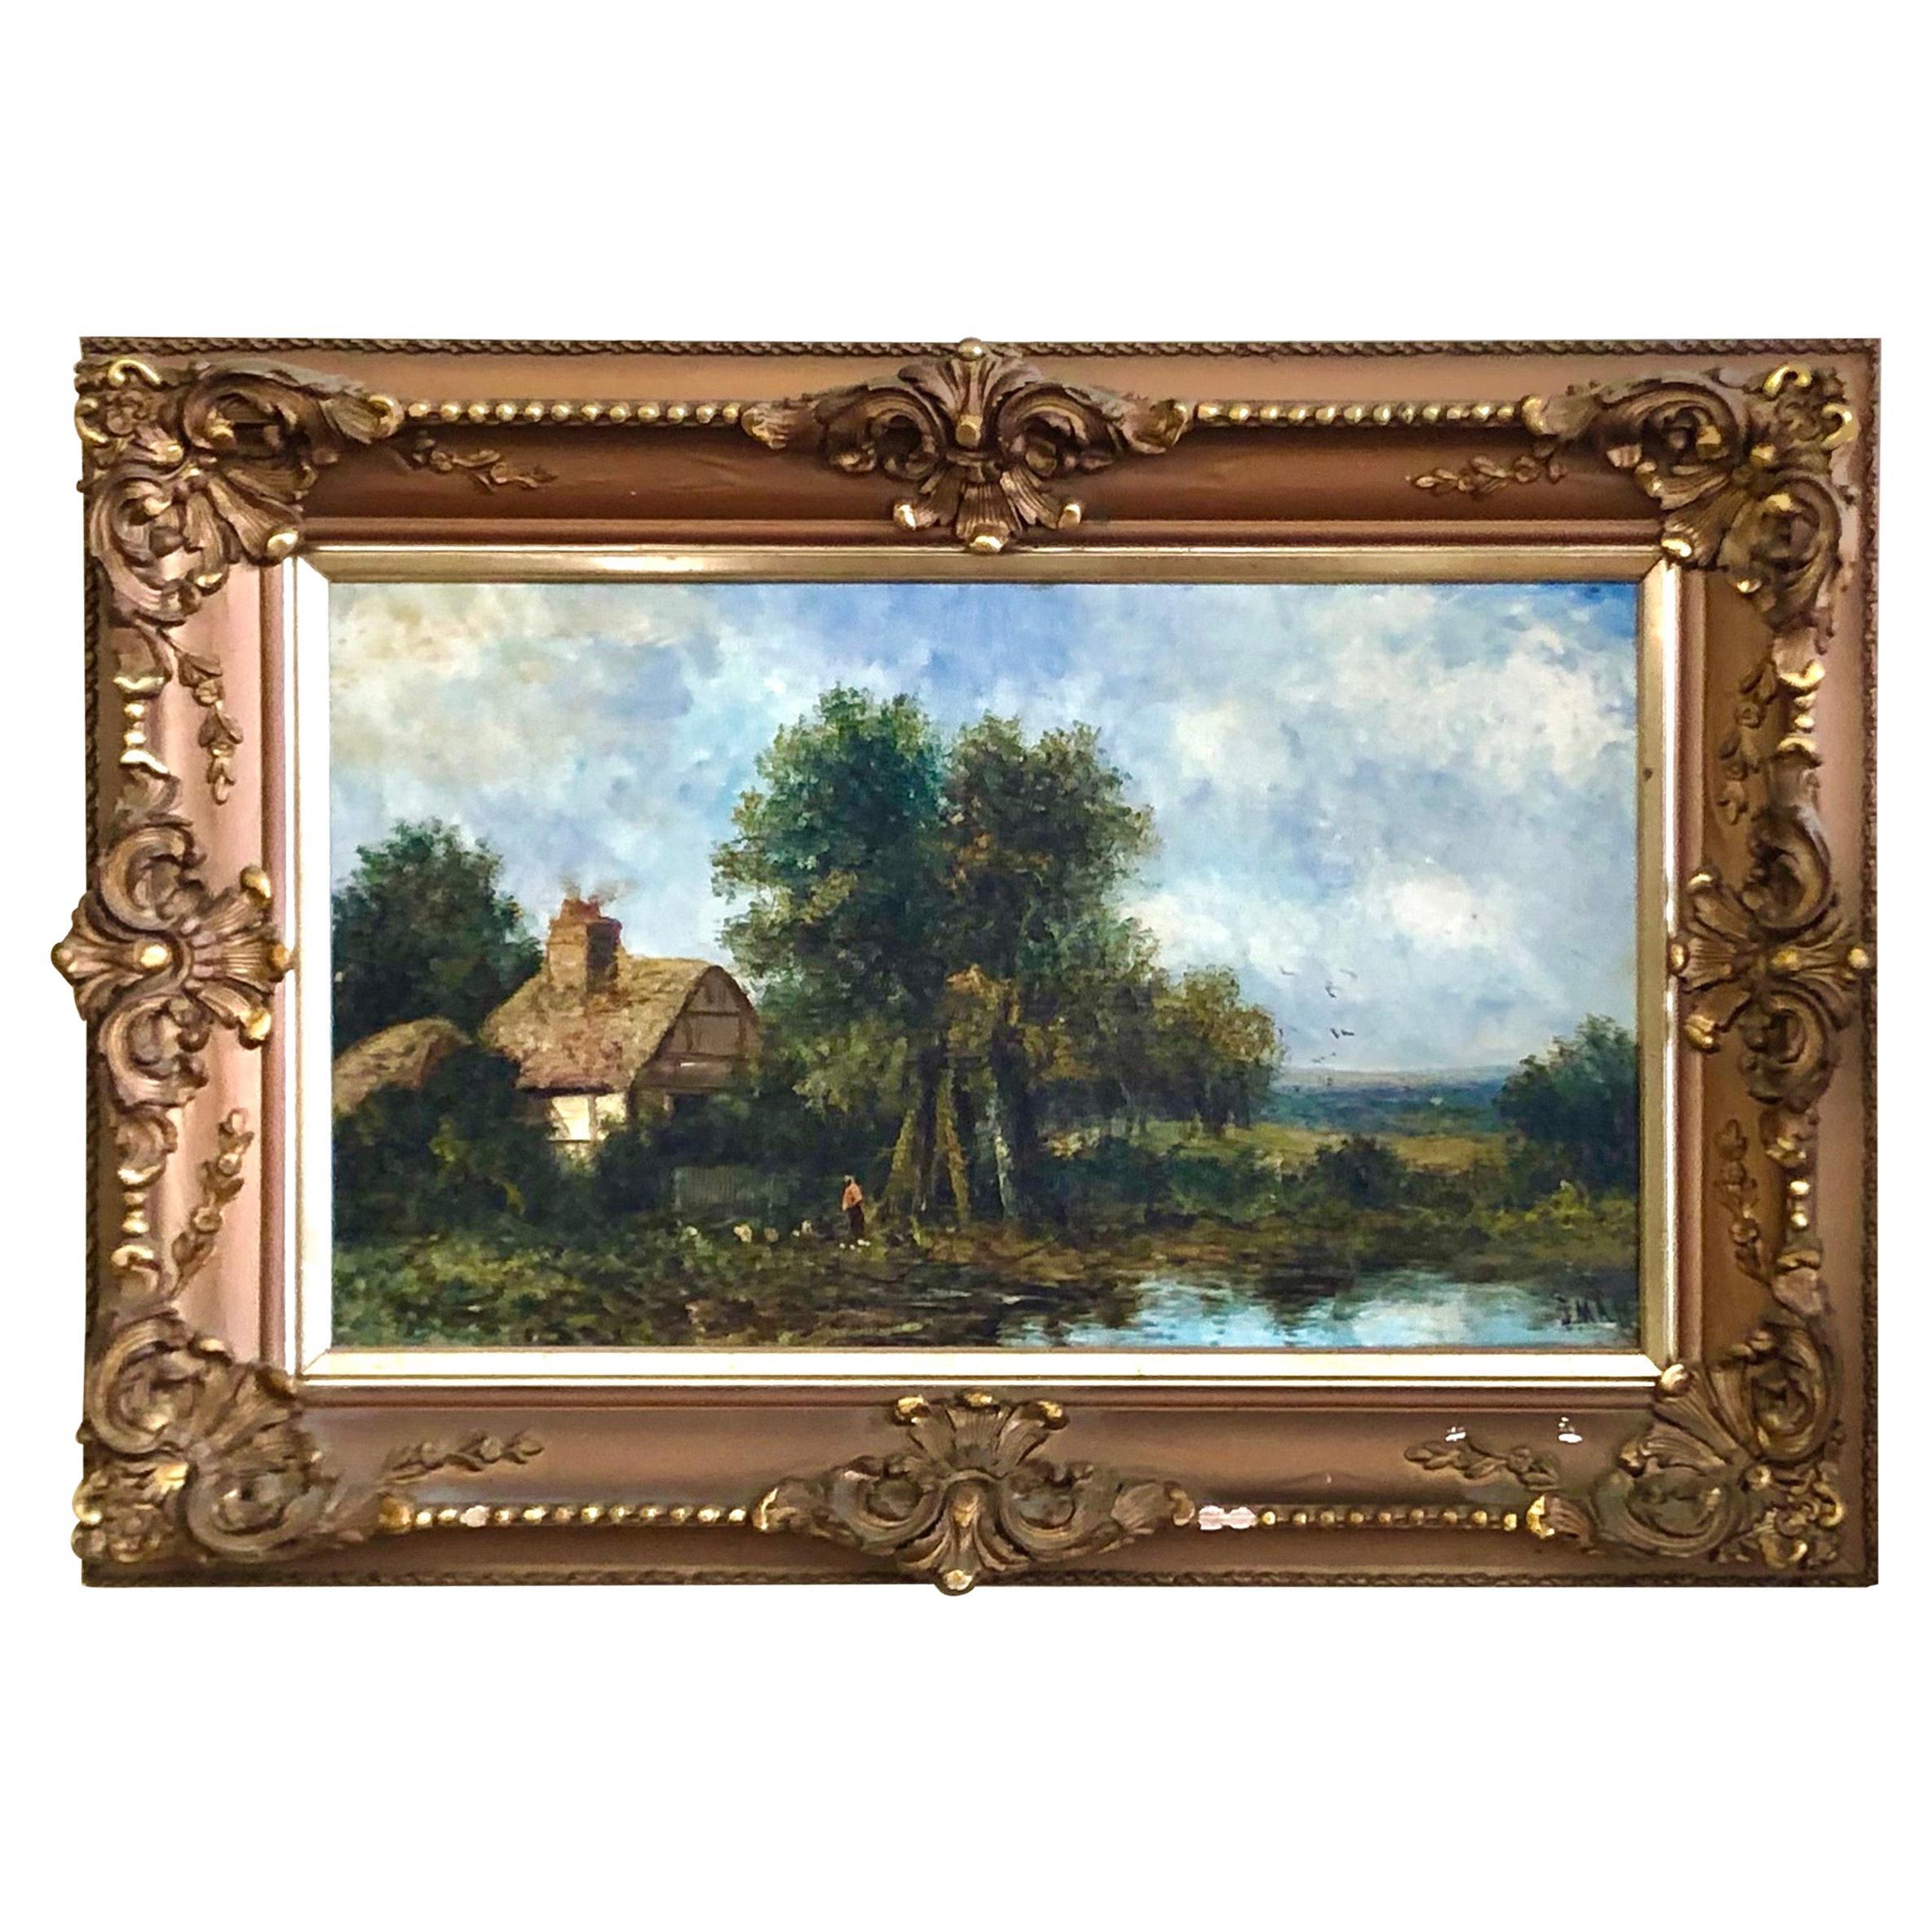 19th C. British Pastoral Landscape, Framed Oil on Canvas, Thatched Cottage